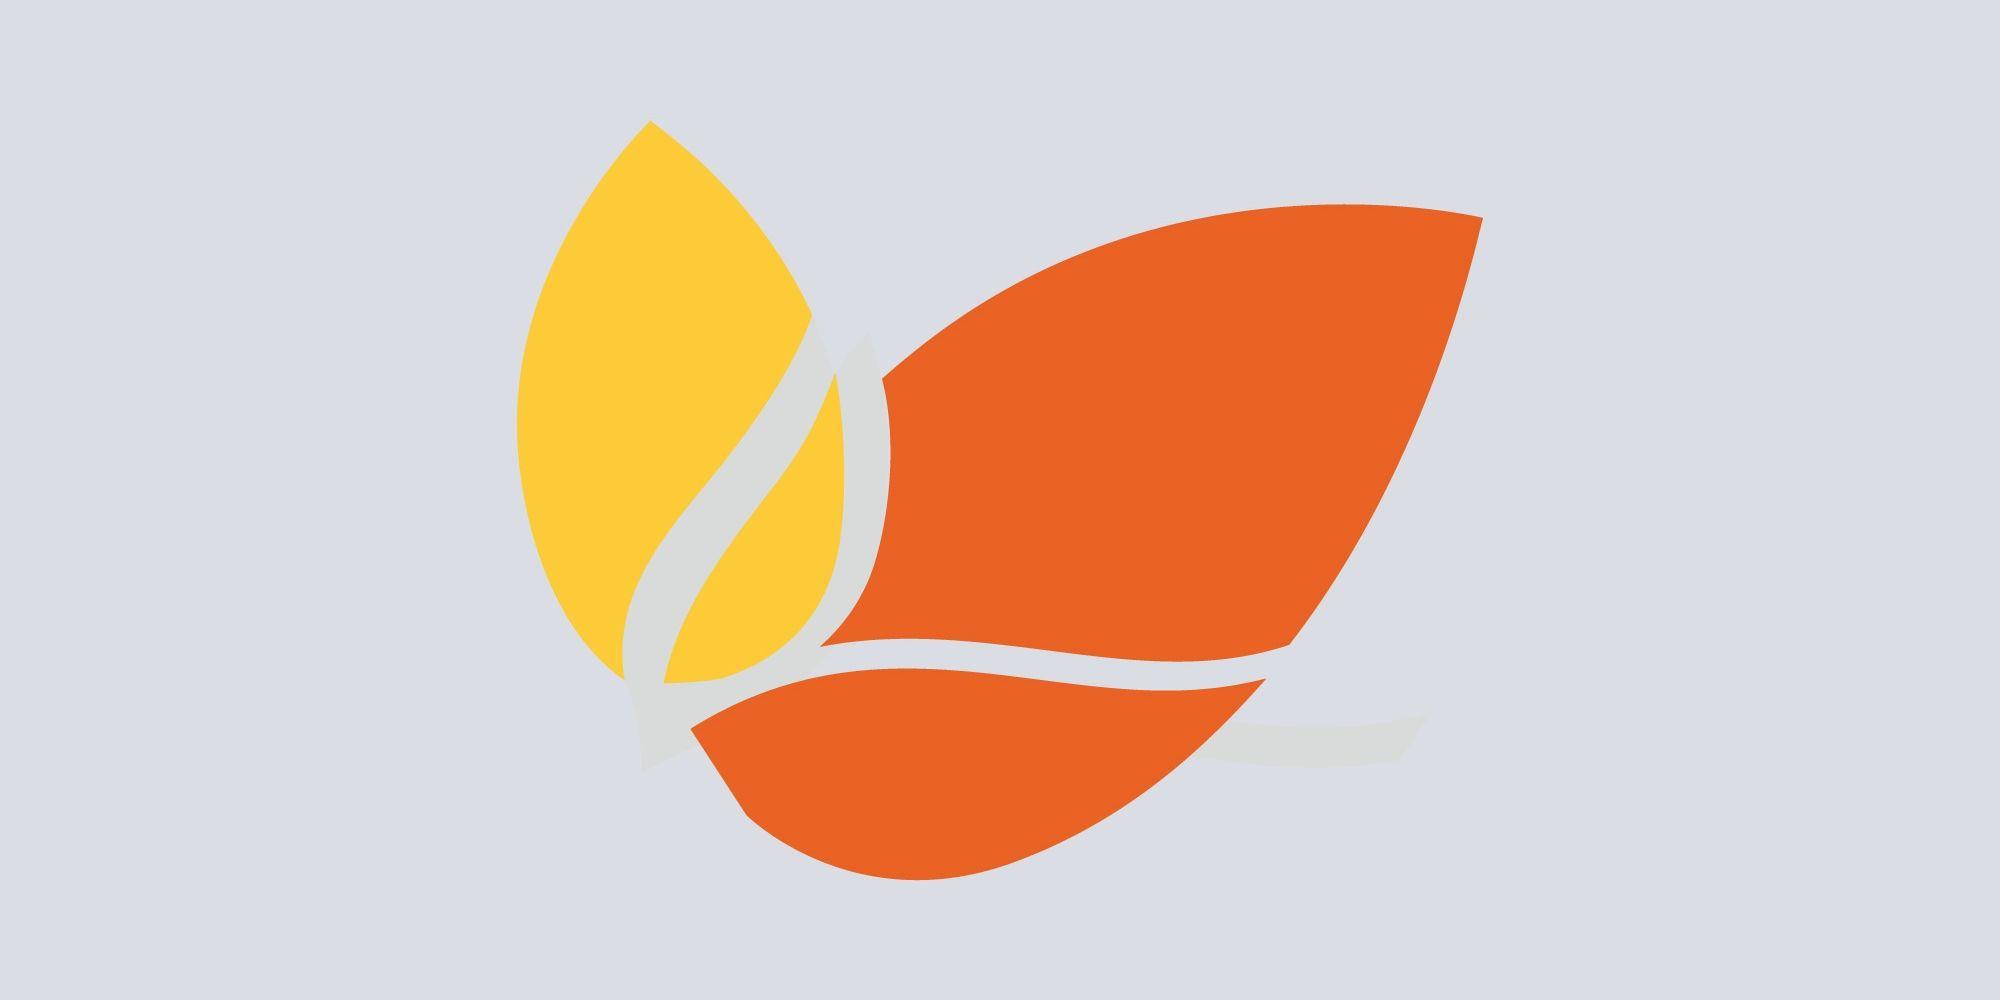 La gemma - Cooperativa sociale per i servizi ai cittadini